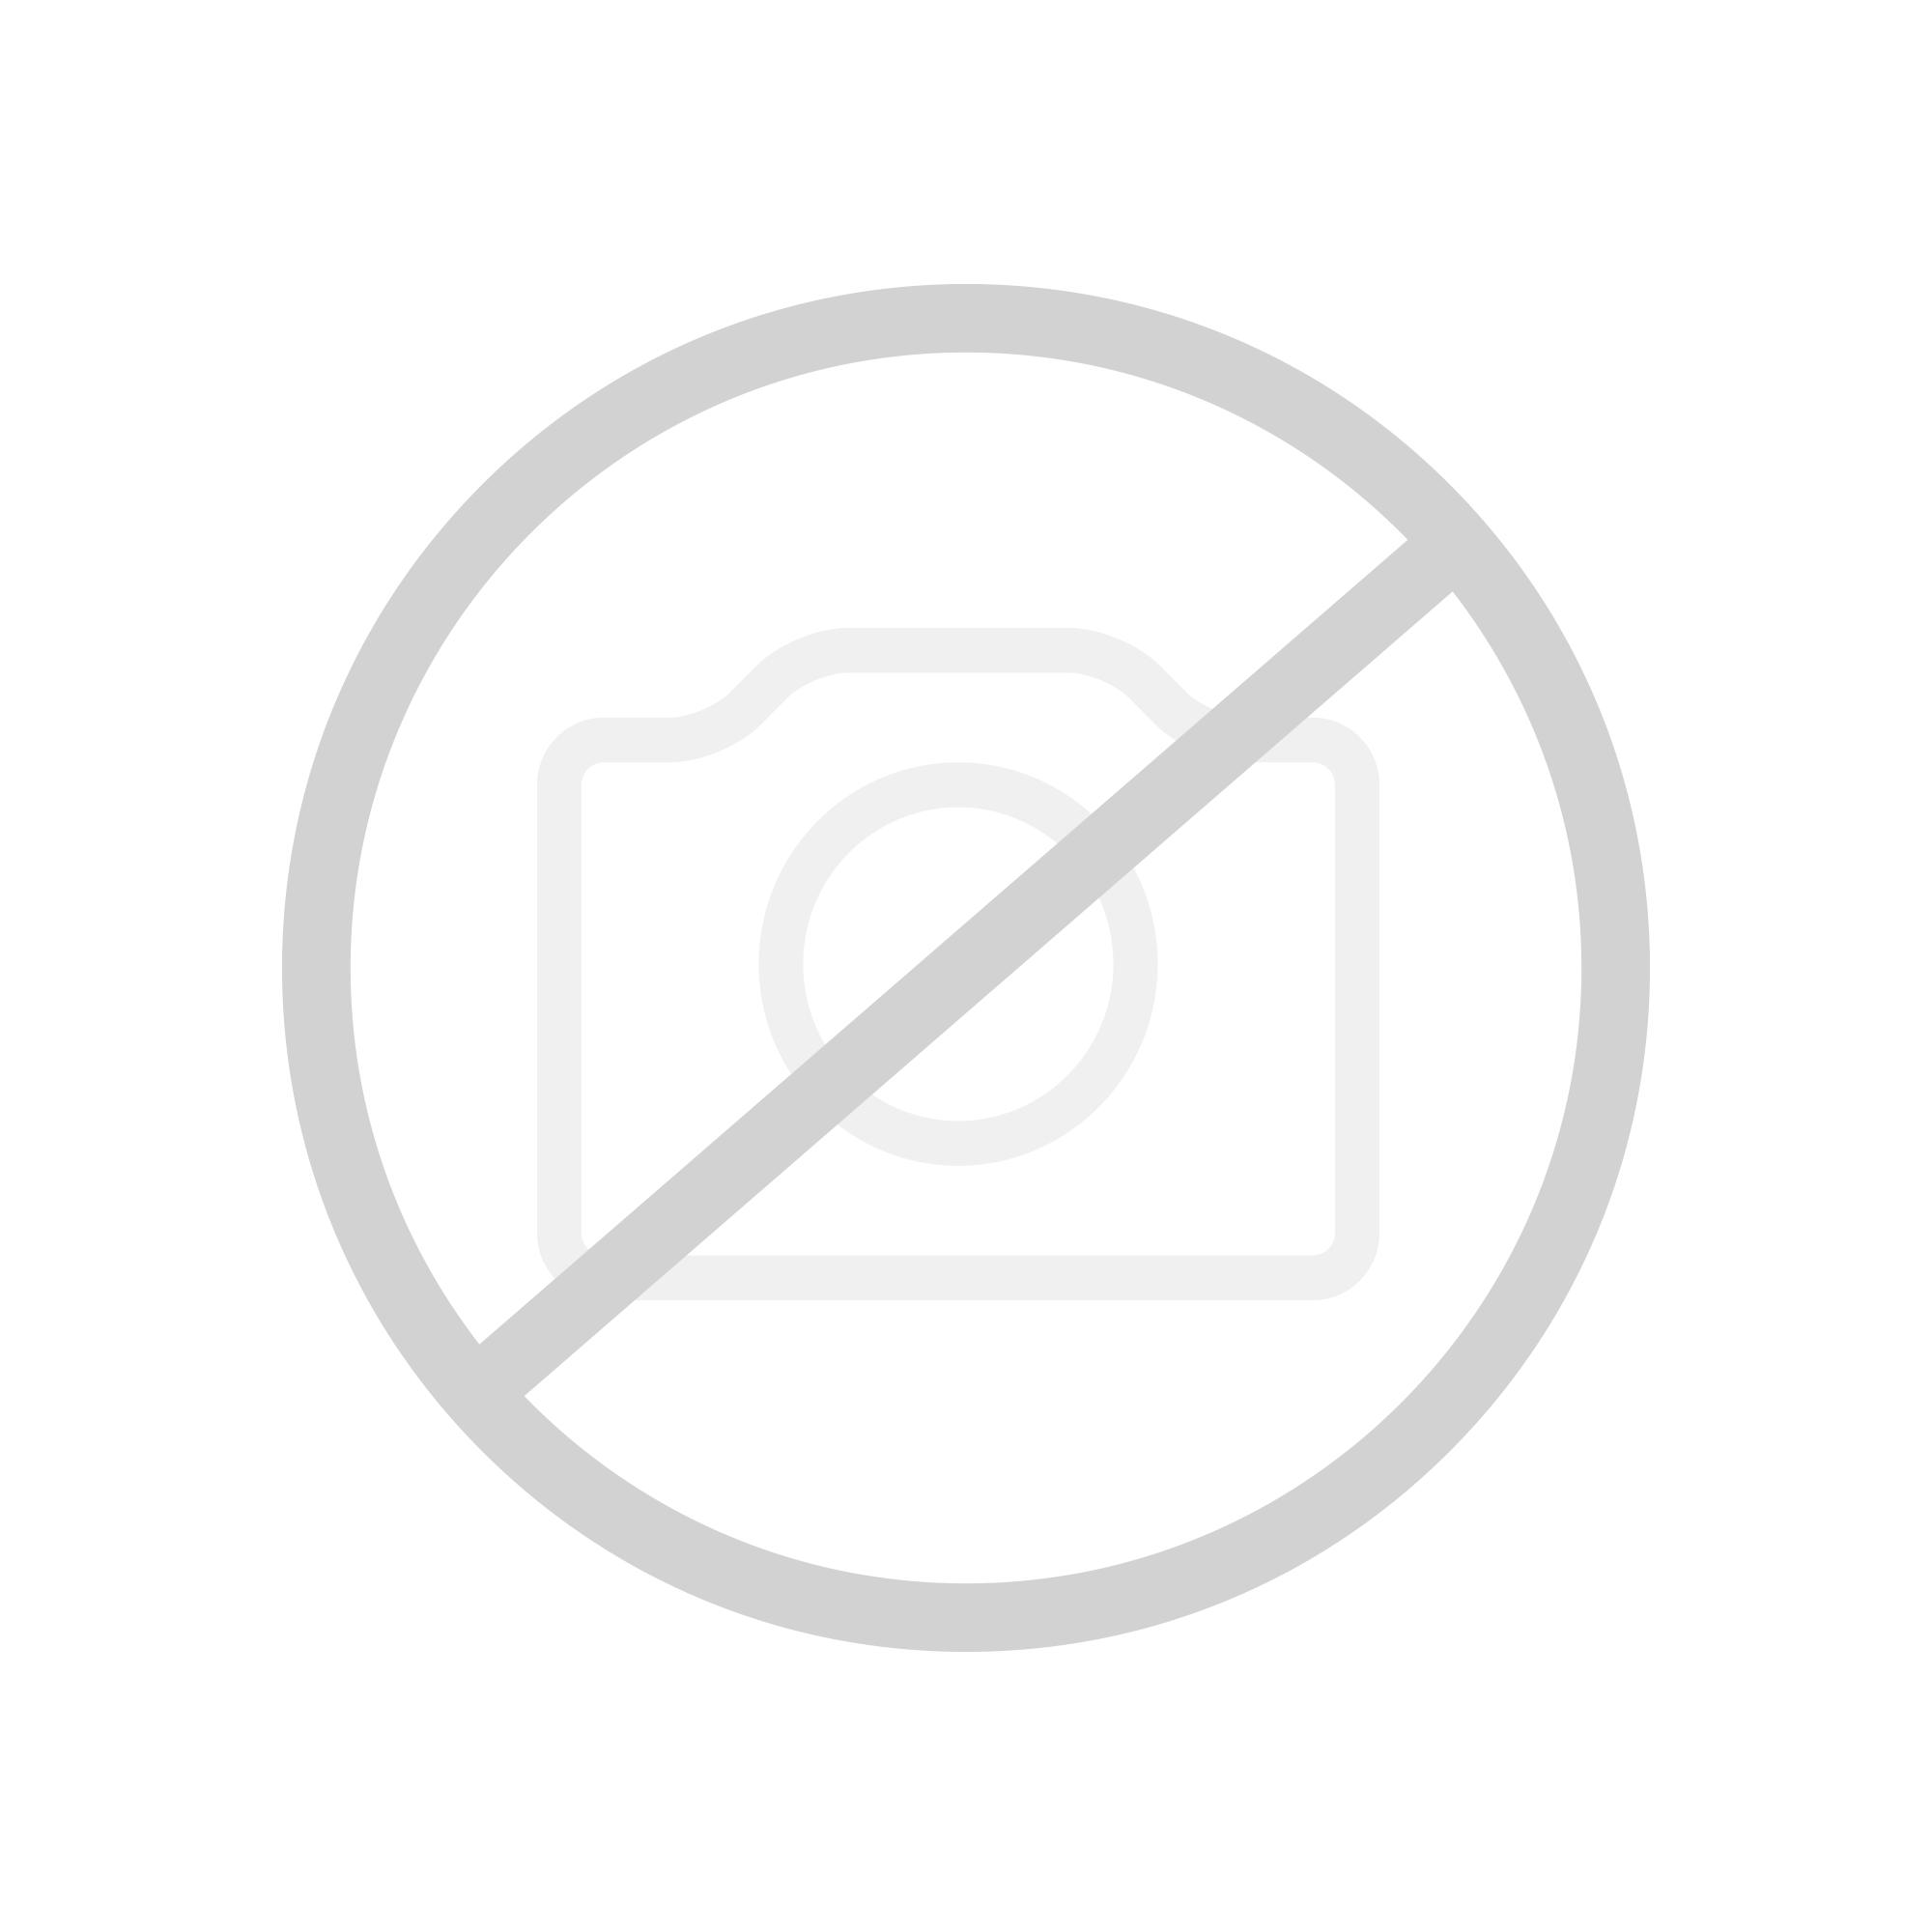 hsk asp 300 spiegelschrank 1102075s reuter onlineshop. Black Bedroom Furniture Sets. Home Design Ideas